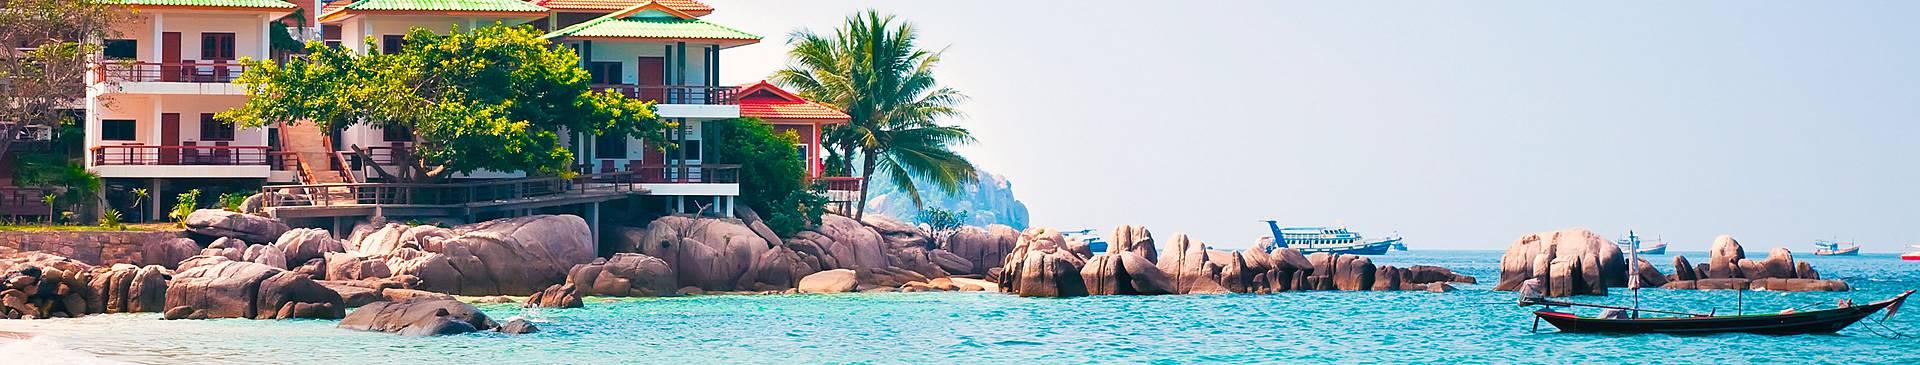 Una settimana in Thailandia